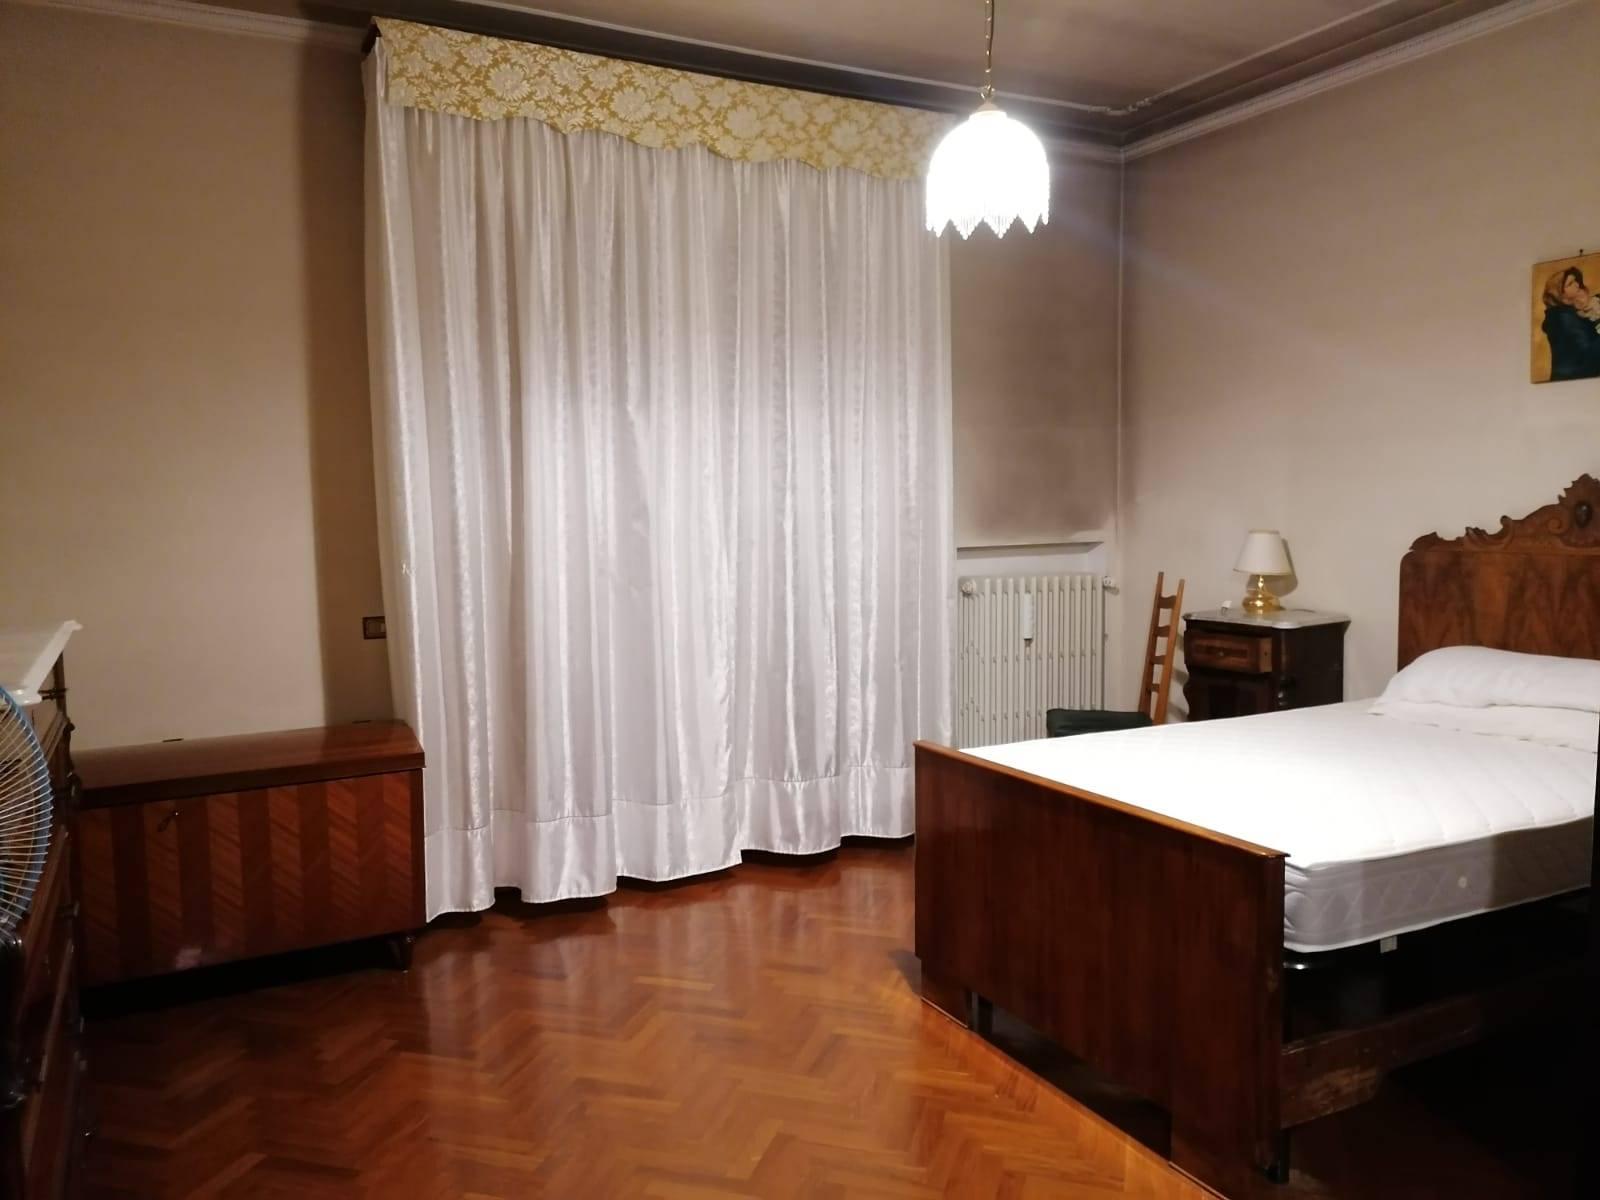 Villa in Vendita a Campi bisenzio zona  - immagine 29